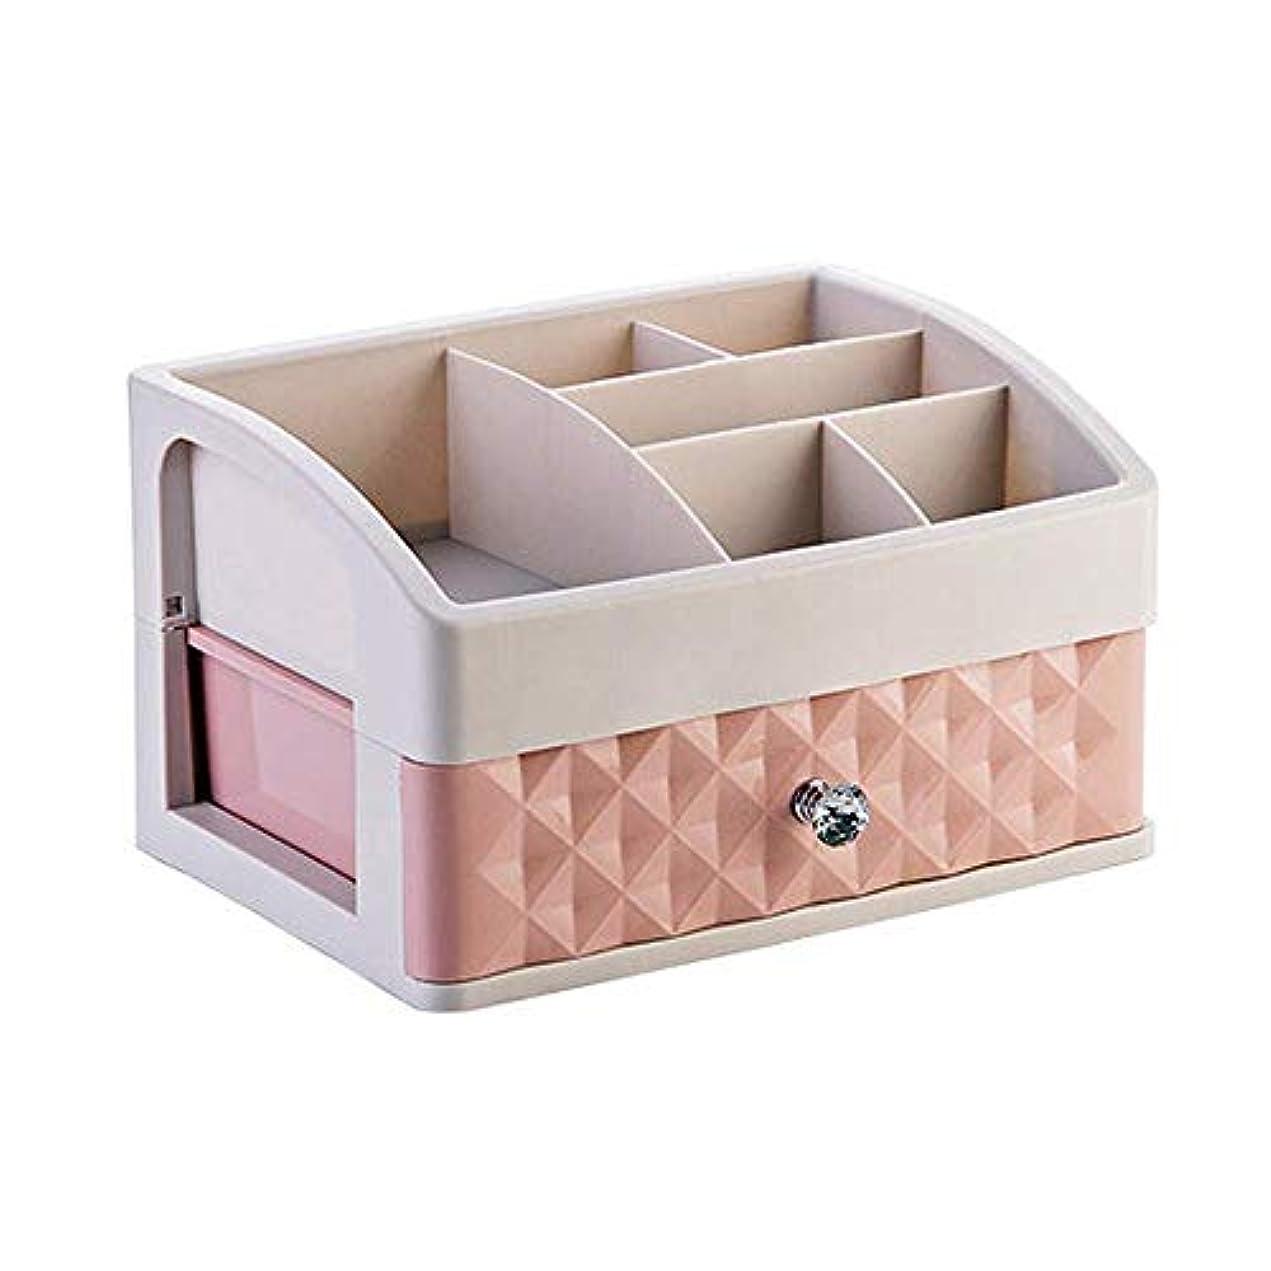 血まみれの精度フクロウYWAWJ 引き出し化粧収納引き出し、プラスチックデスクトップ引き出しオーガナイザーデスクトップ化粧品収納ボックスヨーロッパ引き出し型ドレッシングテーブルジュエリースキンケア製品仕上げボックス (Color : Pink)